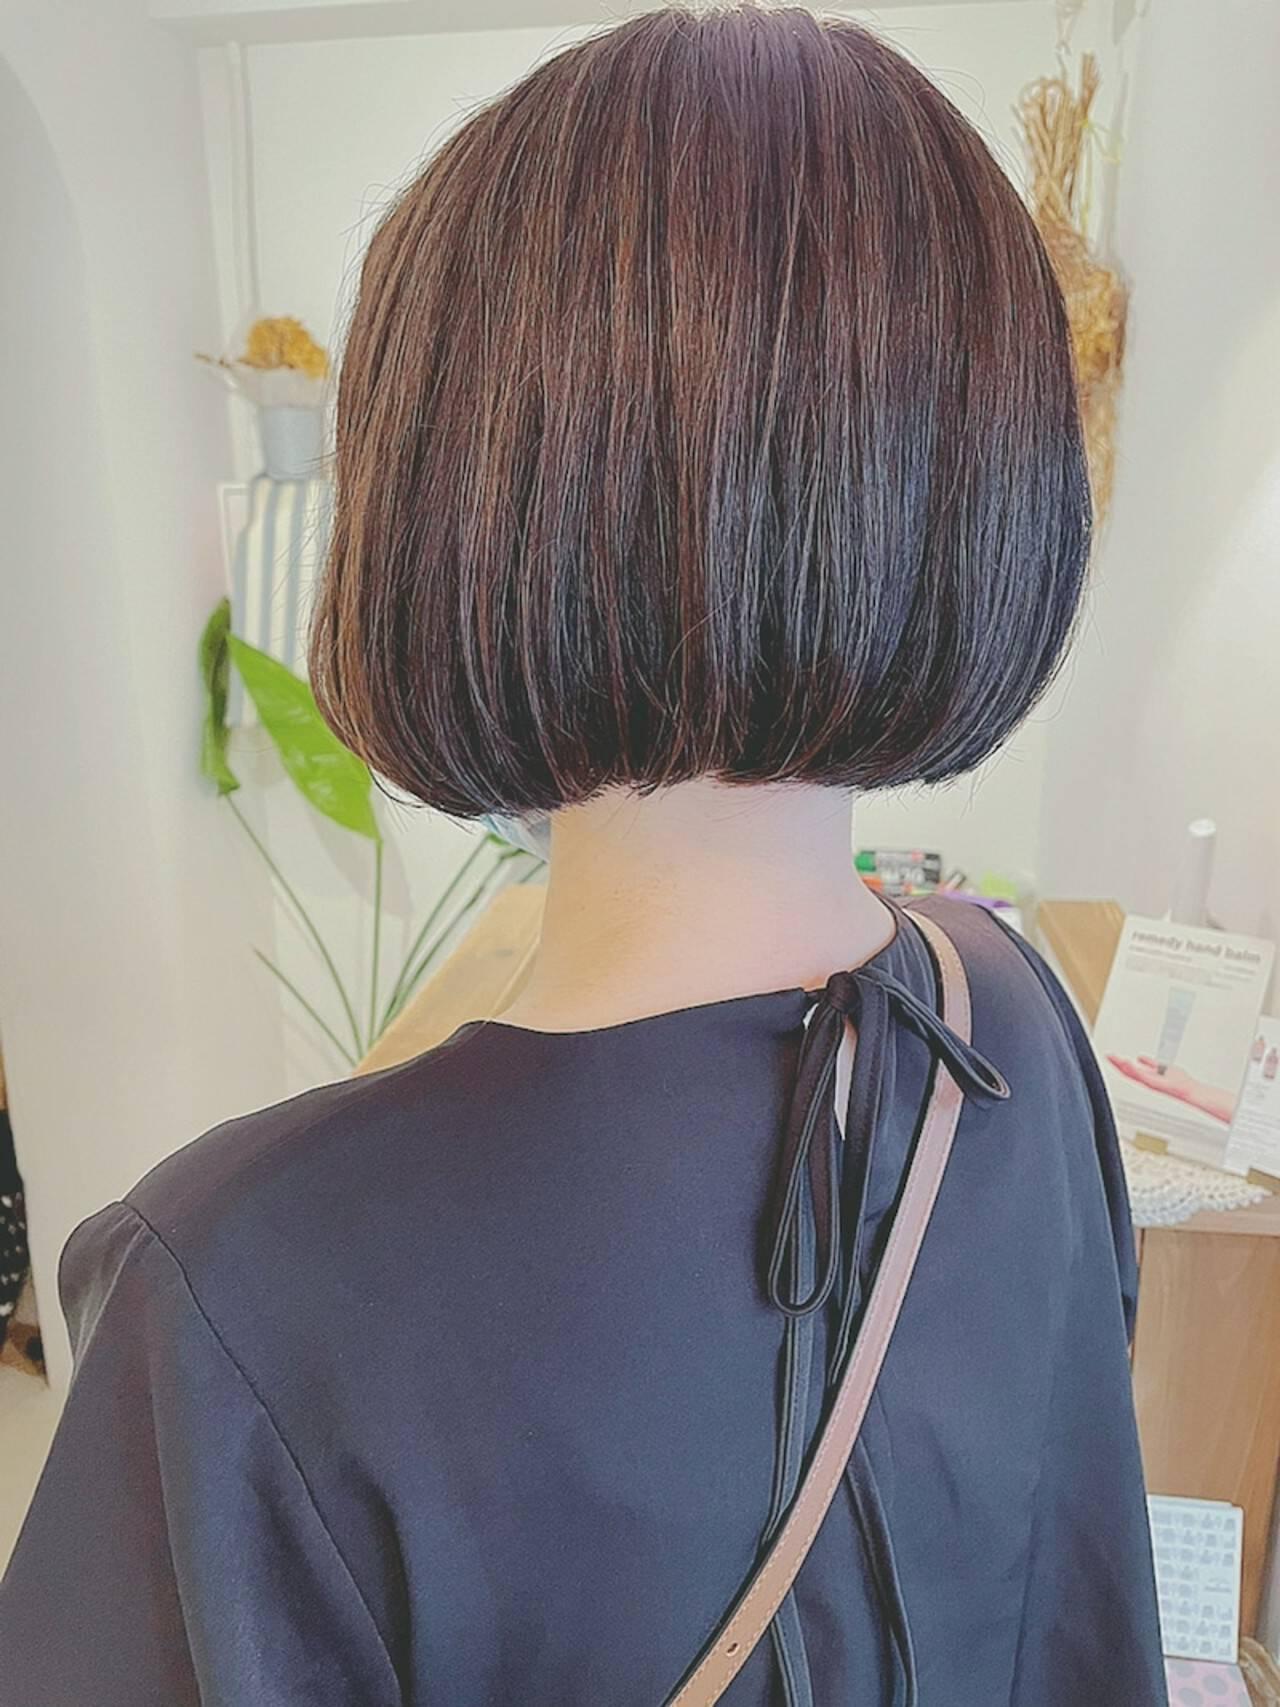 アンニュイほつれヘア ボブ 秋 大人かわいいヘアスタイルや髪型の写真・画像